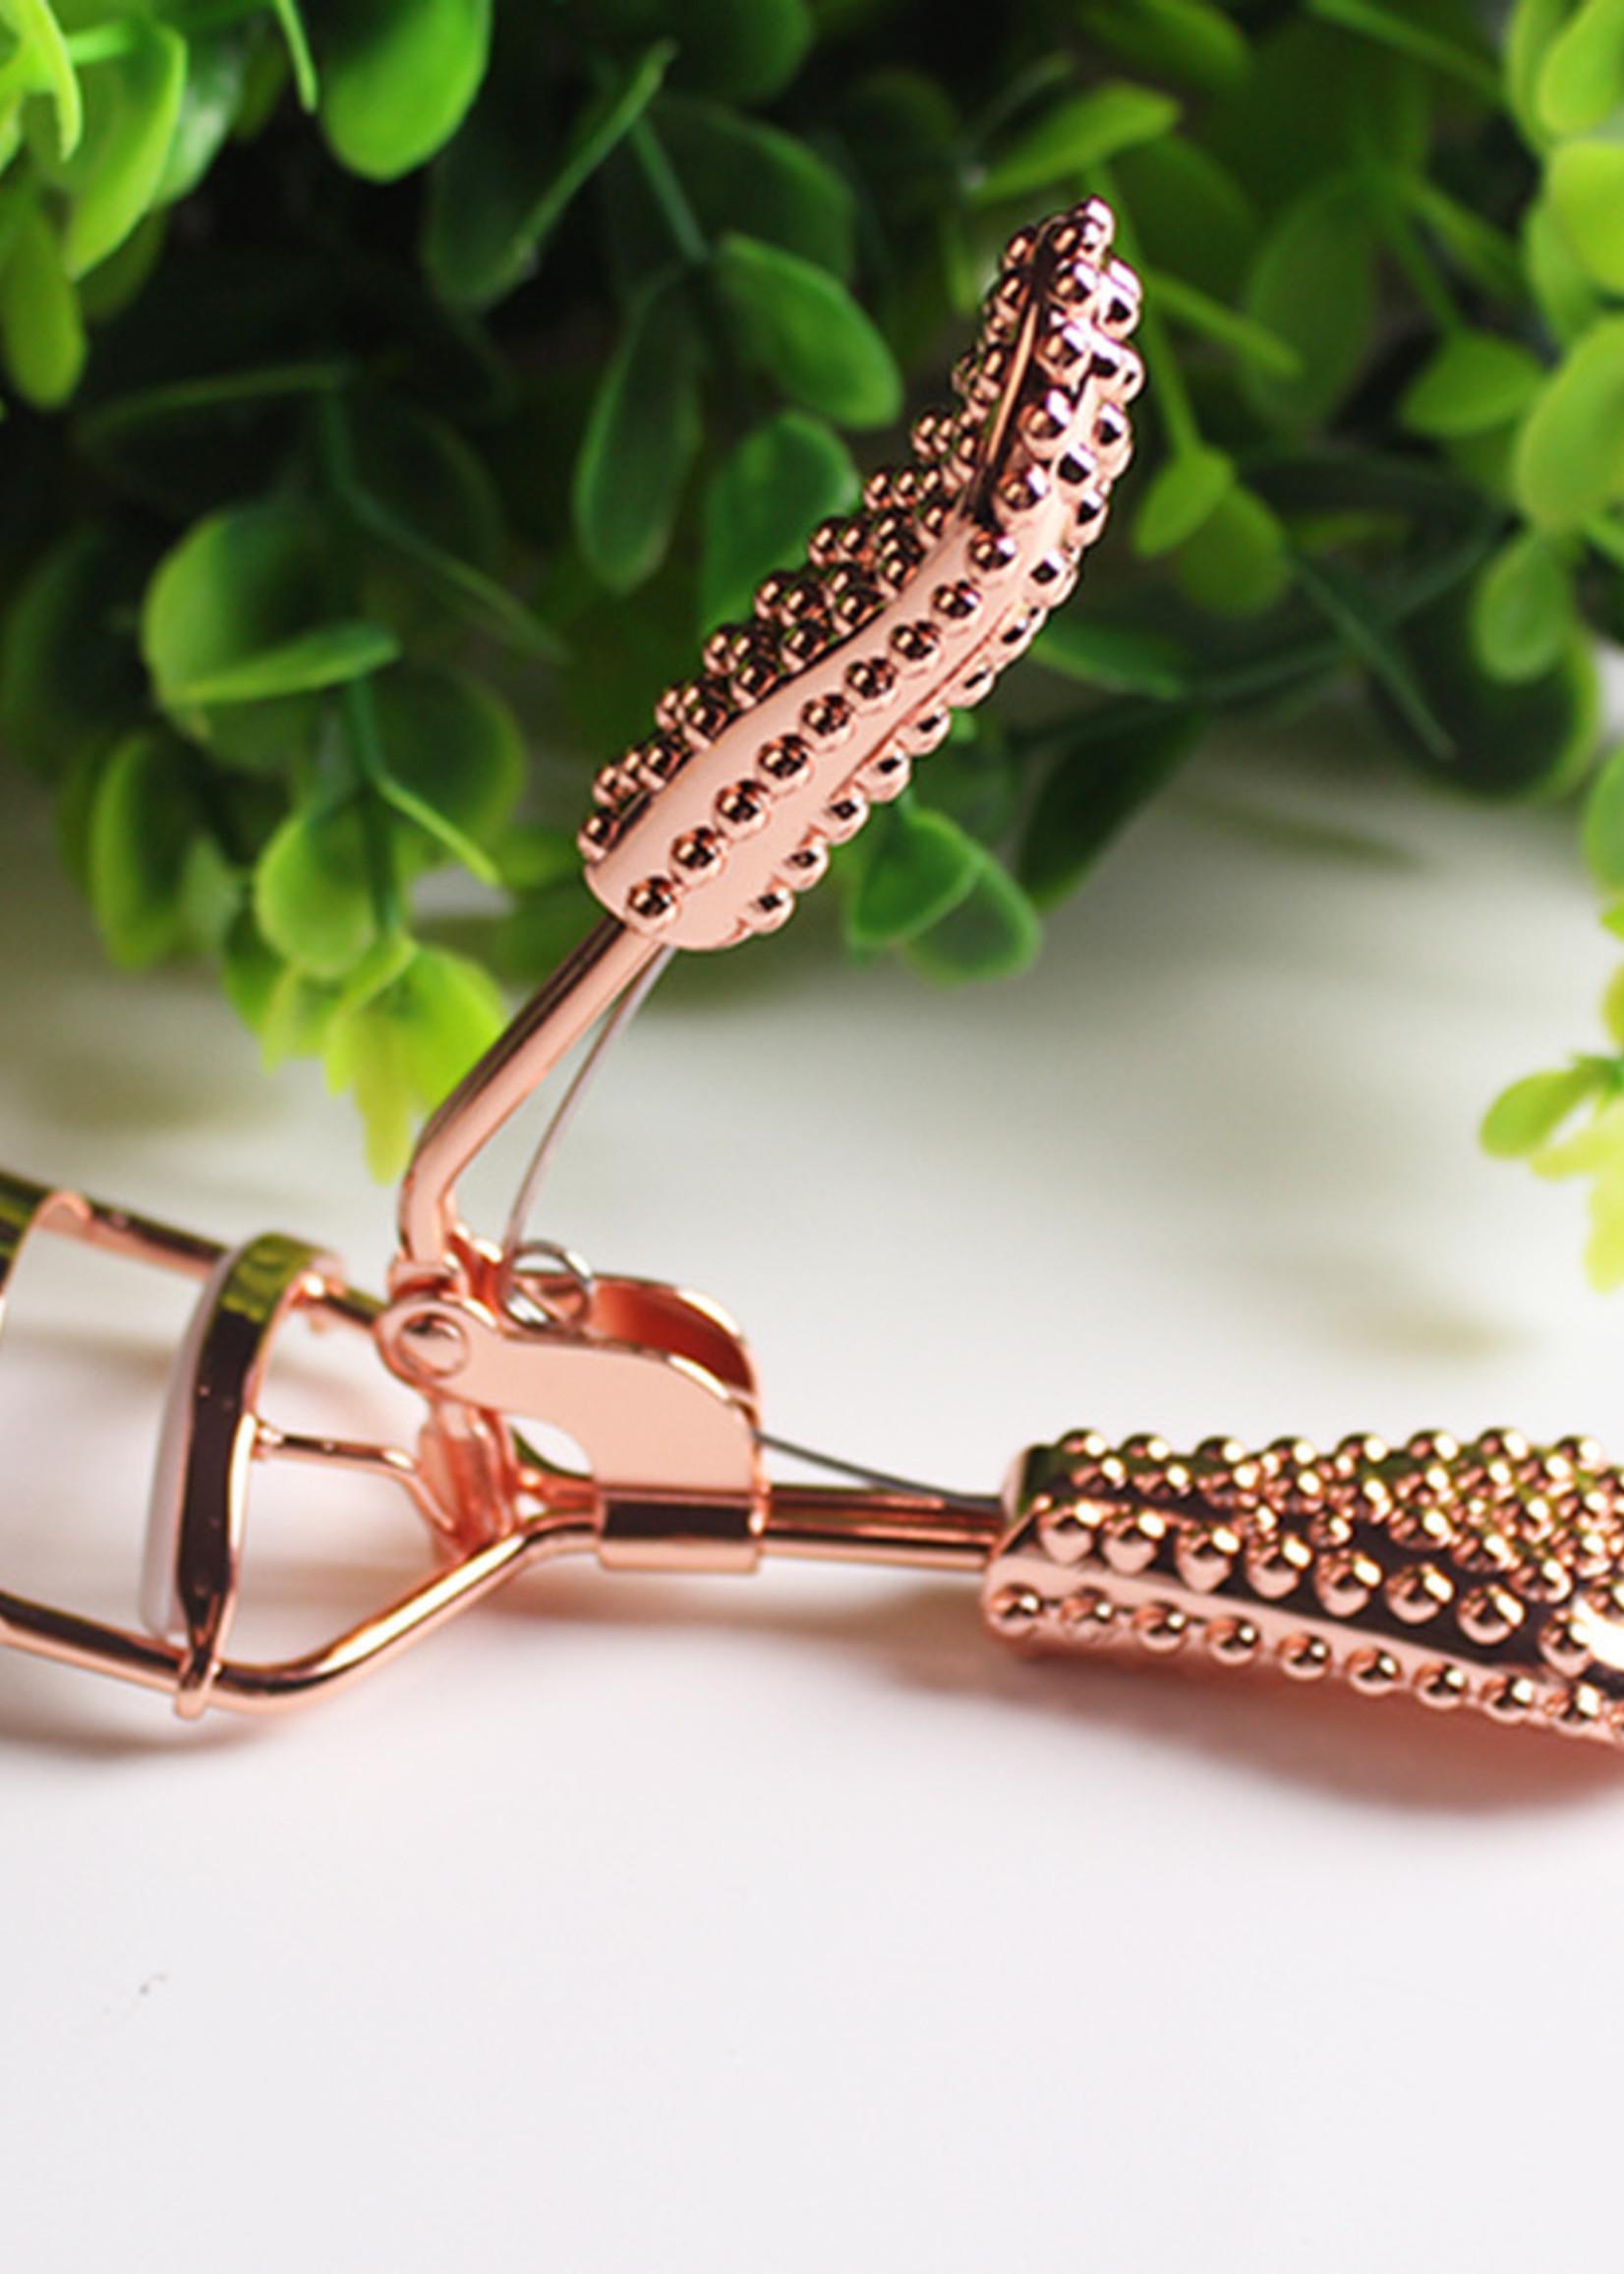 Lash Candies® Lash Candies Premium Eyelash Curler